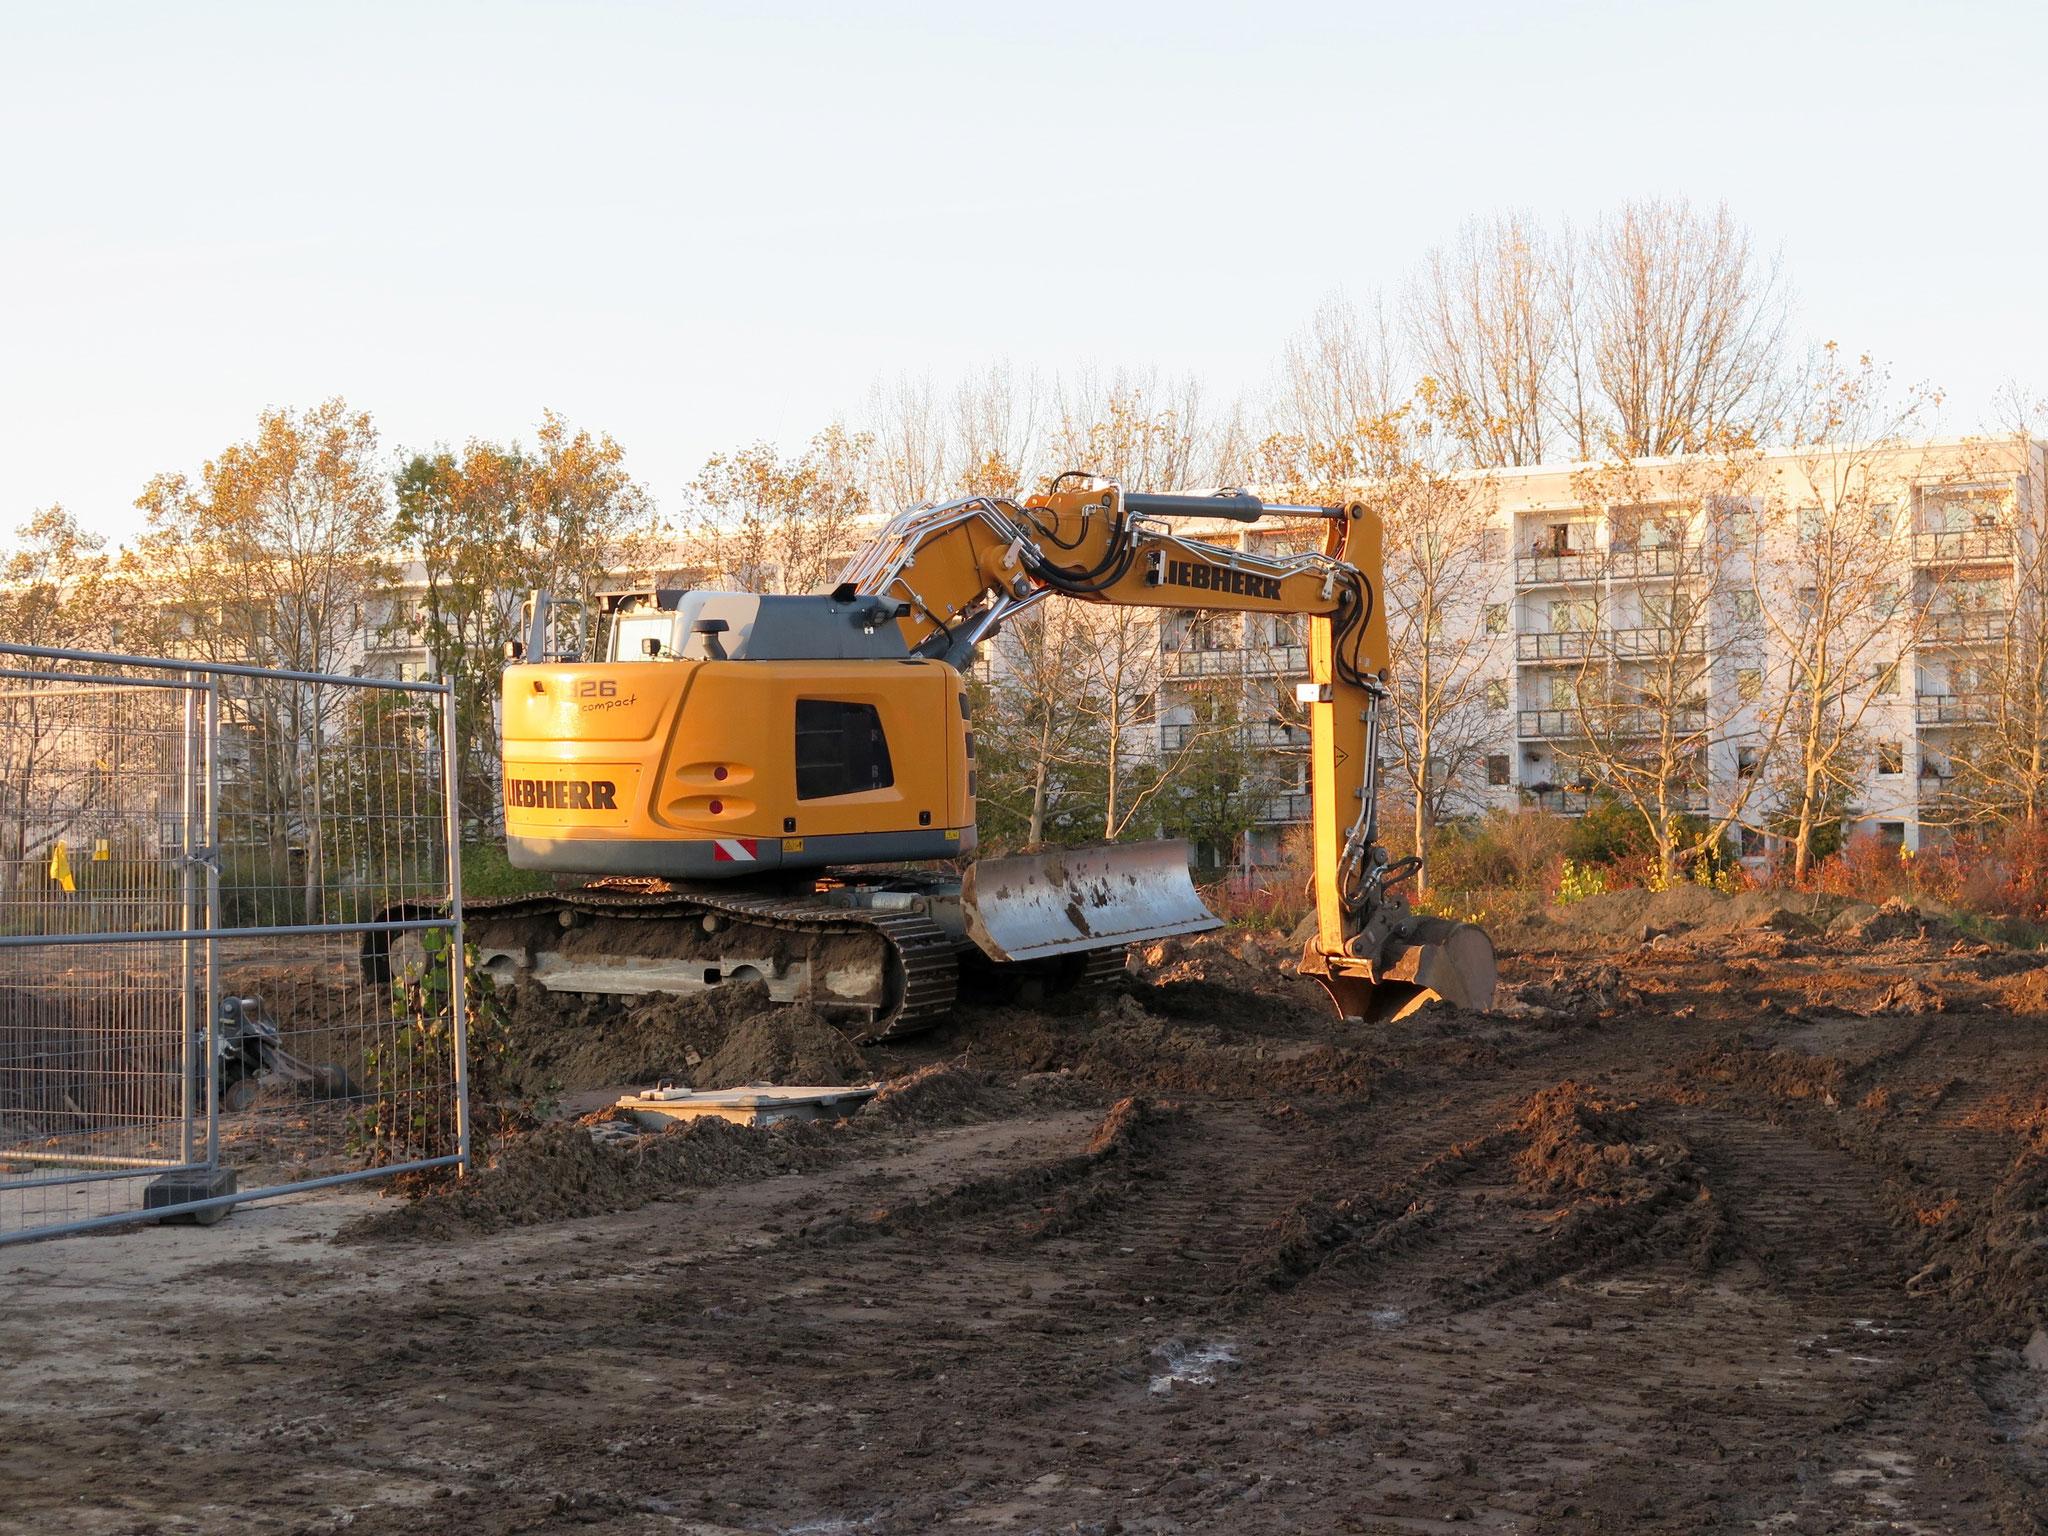 Den Sprengkörper hatten Bauarbeiter am Donnerstagvormittag auf dem Gelände des alten Hellersdorfer Gutes in unmittelbarer Nachbarschaft zur Pusteblume-Grundschule entdeckt.